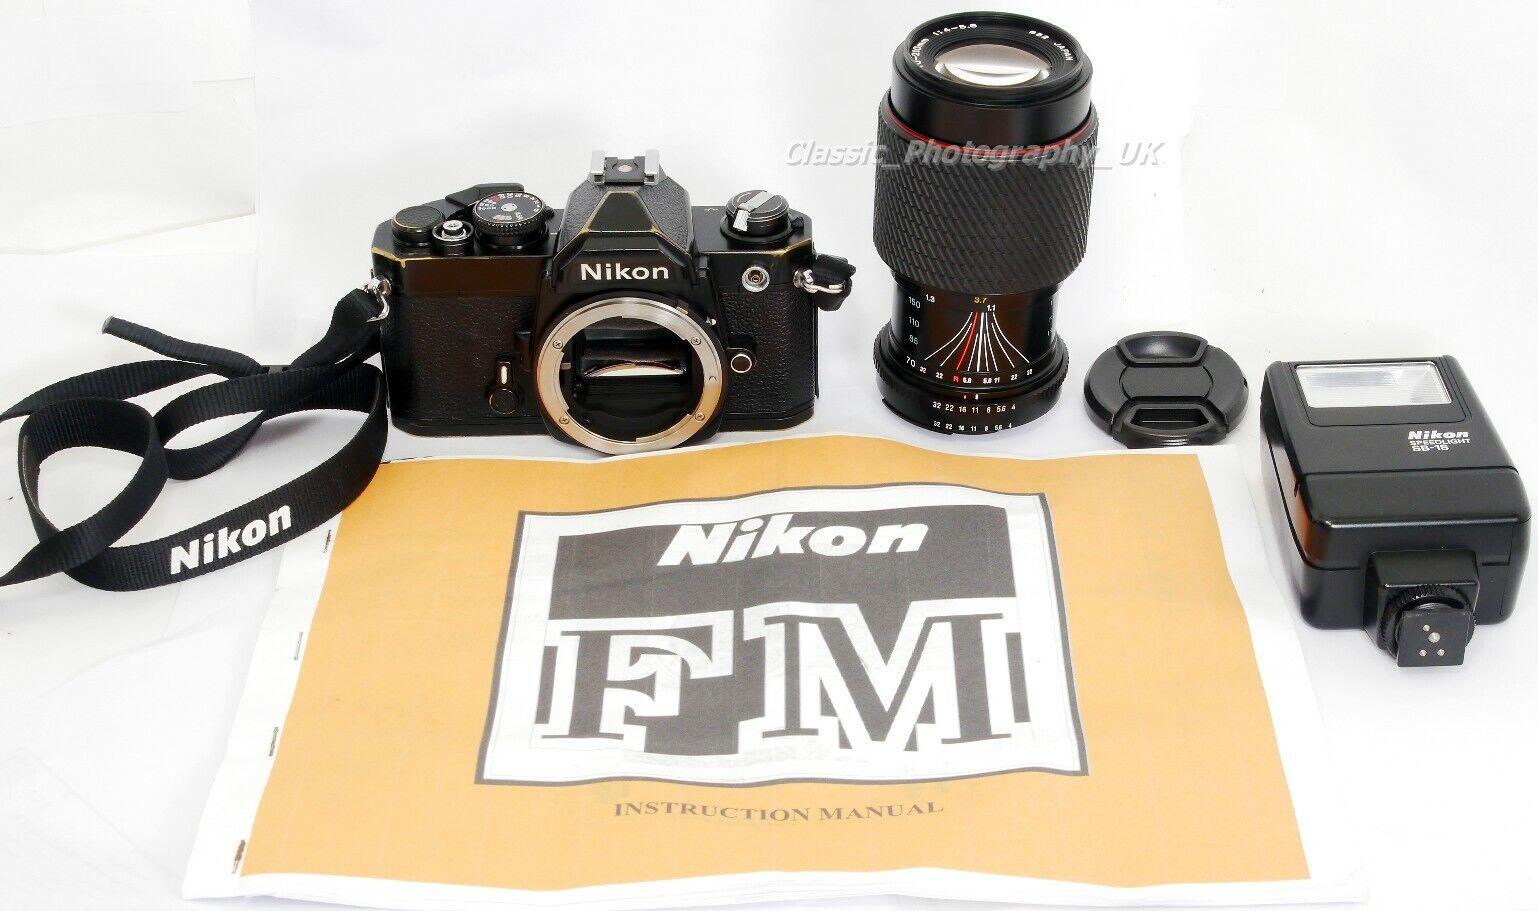 Nikon FM 35mm SLR + Tokina SD 70-210mm 1:4-5.6 + Nikon SPEEDLIGHT SB-18 Flash